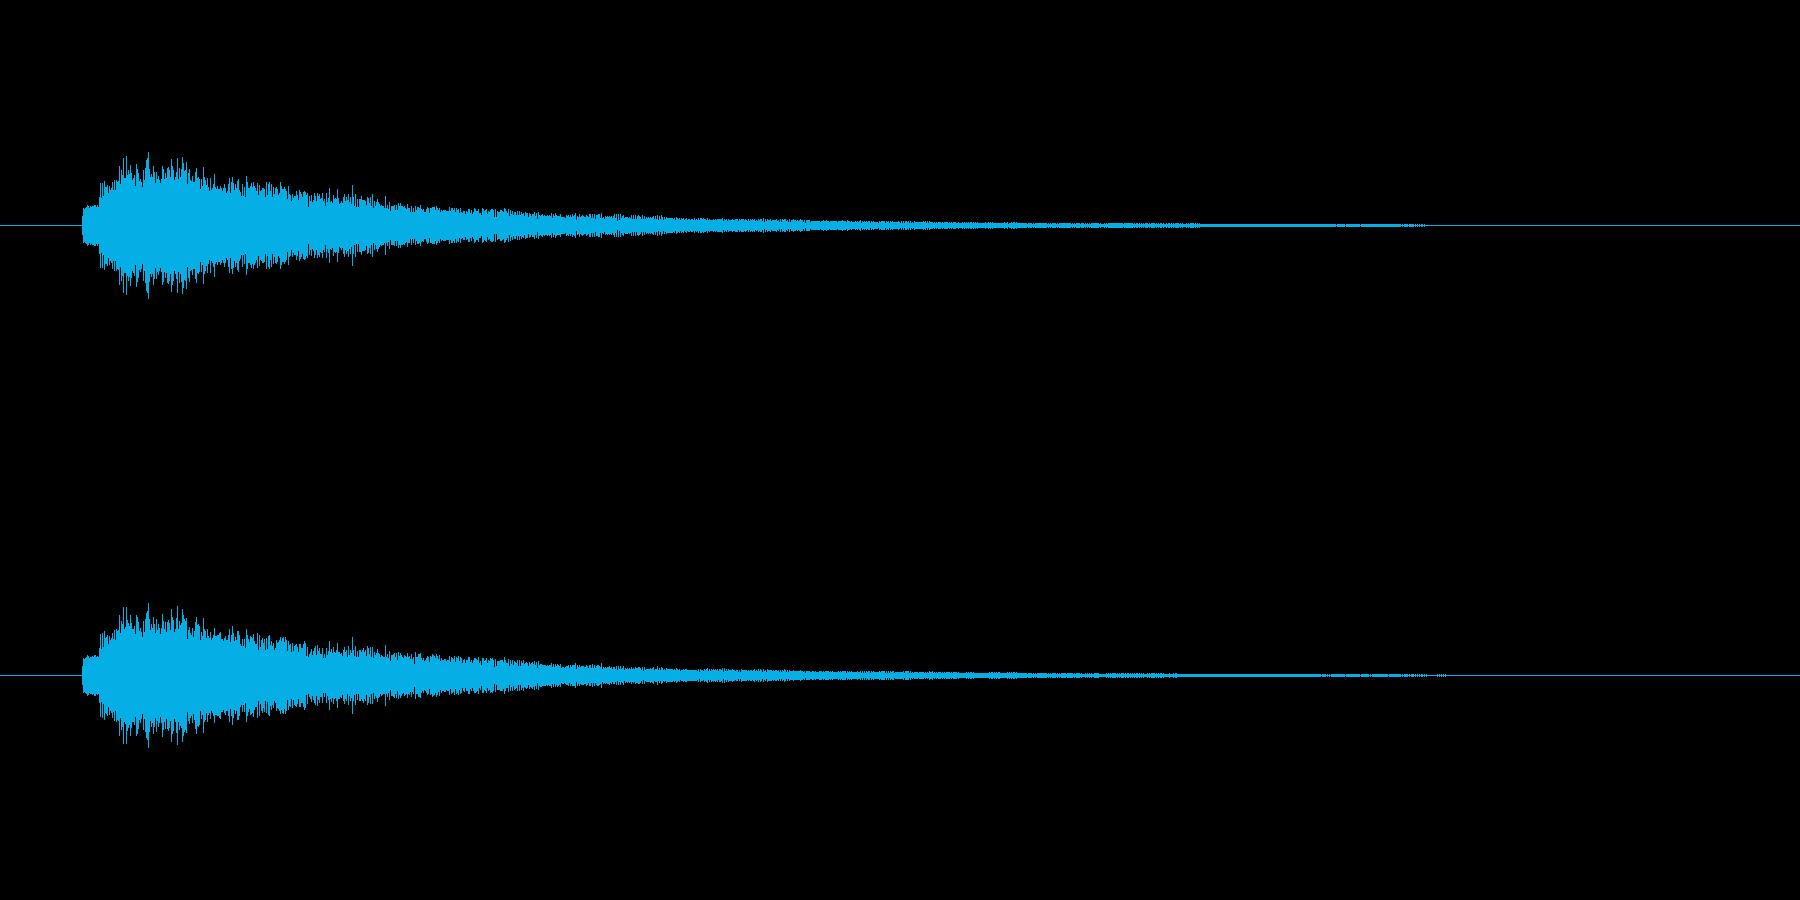 【ショートブリッジ20-3】の再生済みの波形